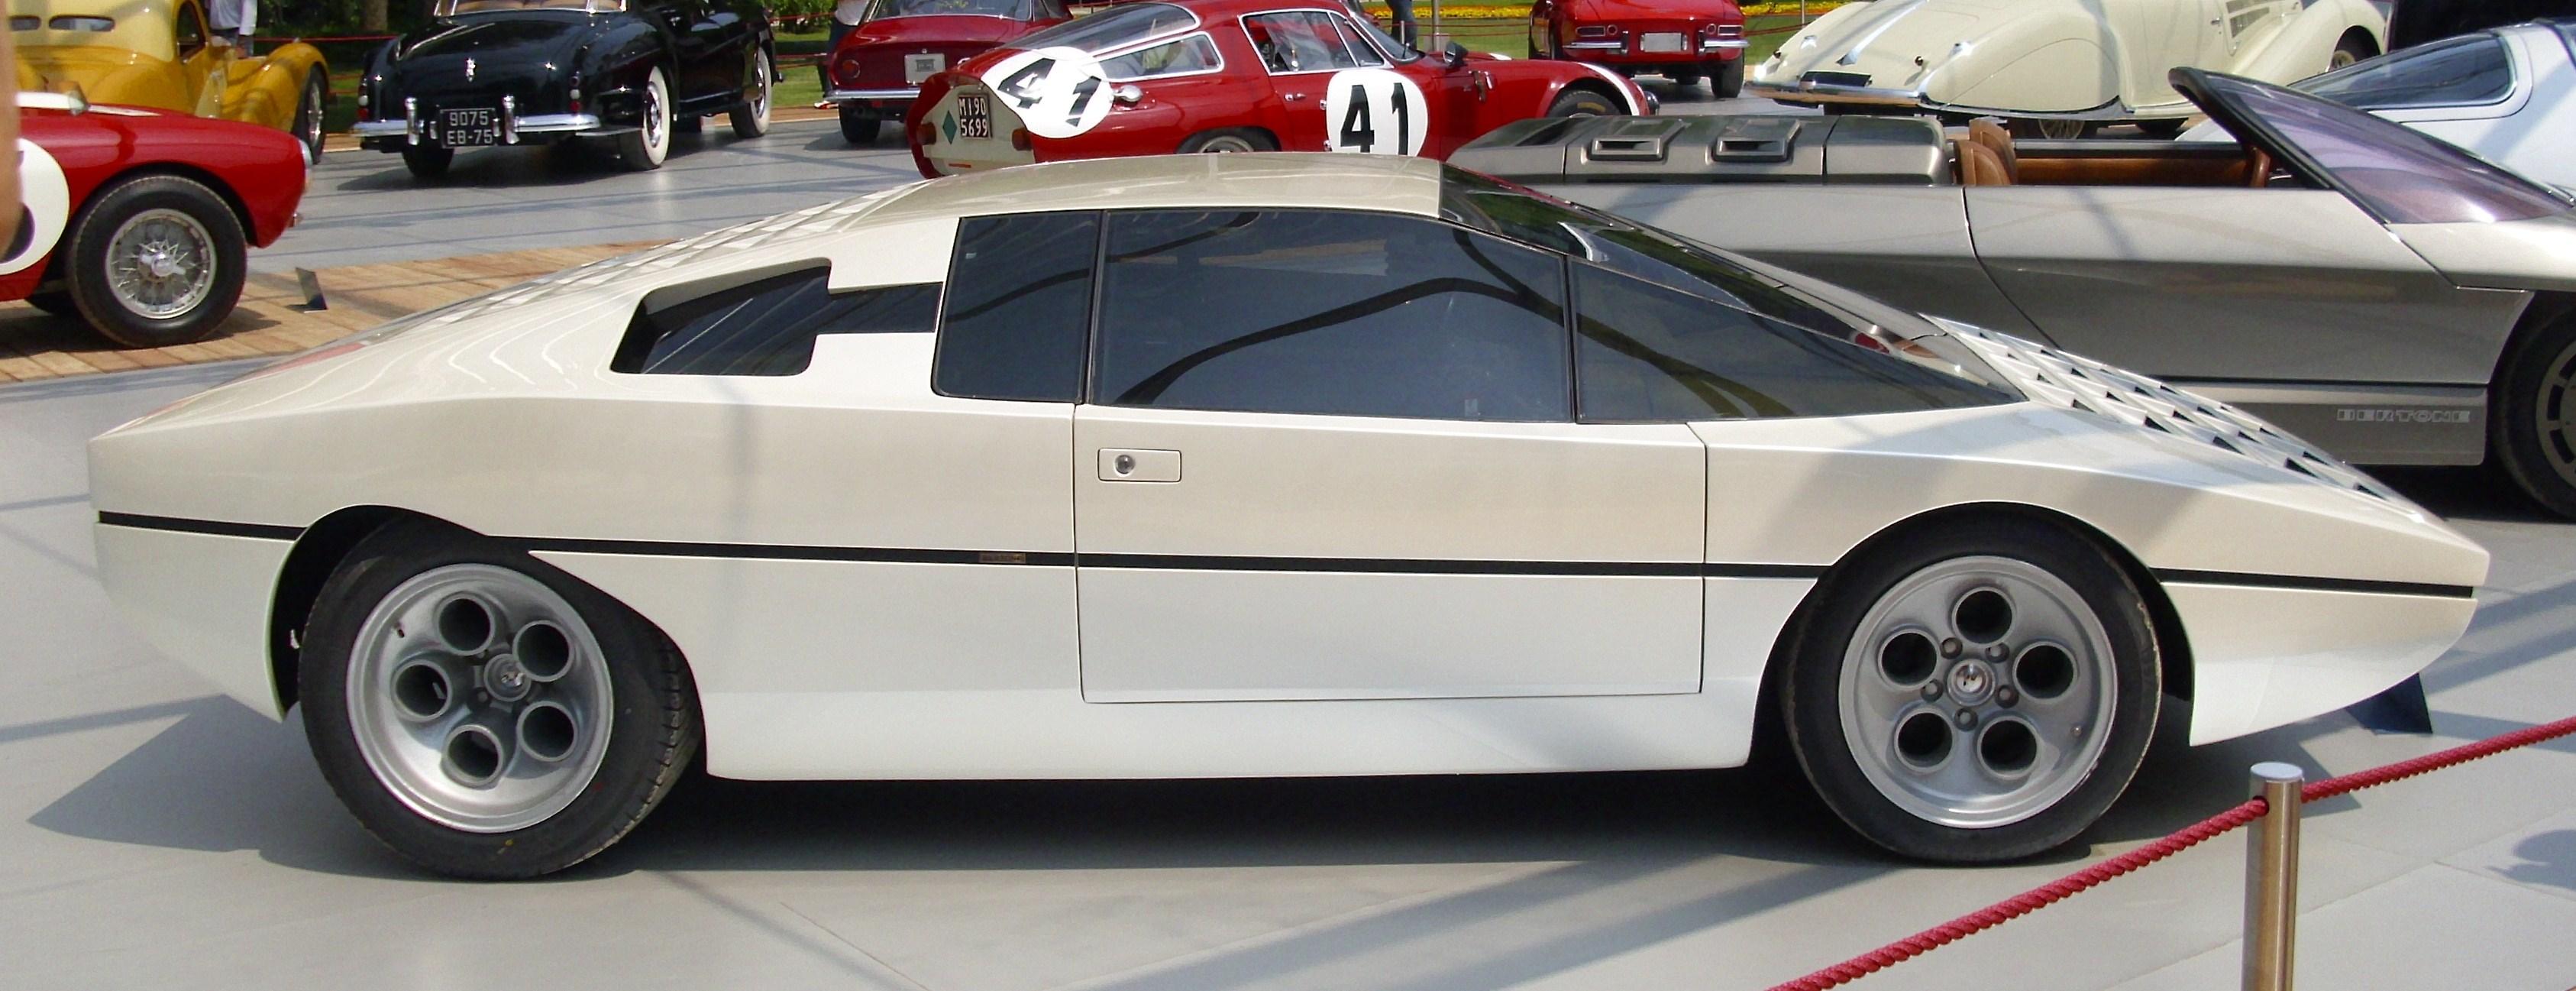 File:Lamborghini Bravo 1974 seitlich.JPG - Wikimedia Commons